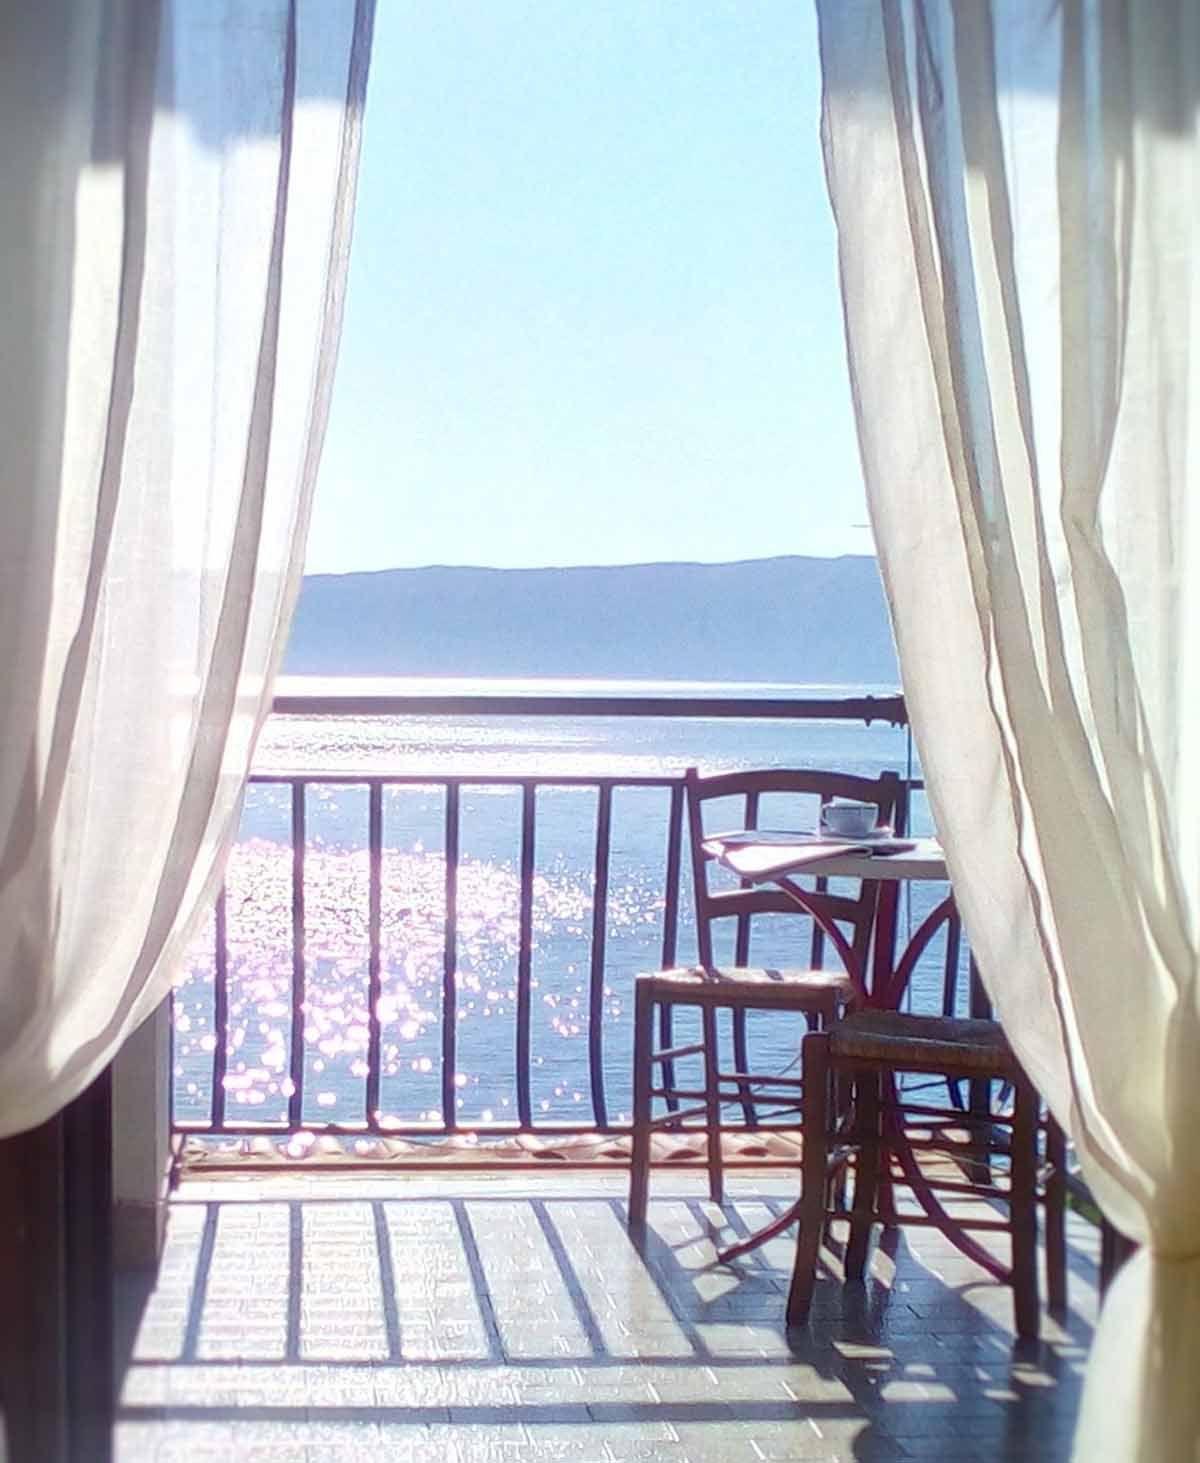 Kroatien Dreams direkt am Meer Urlaub kroatien